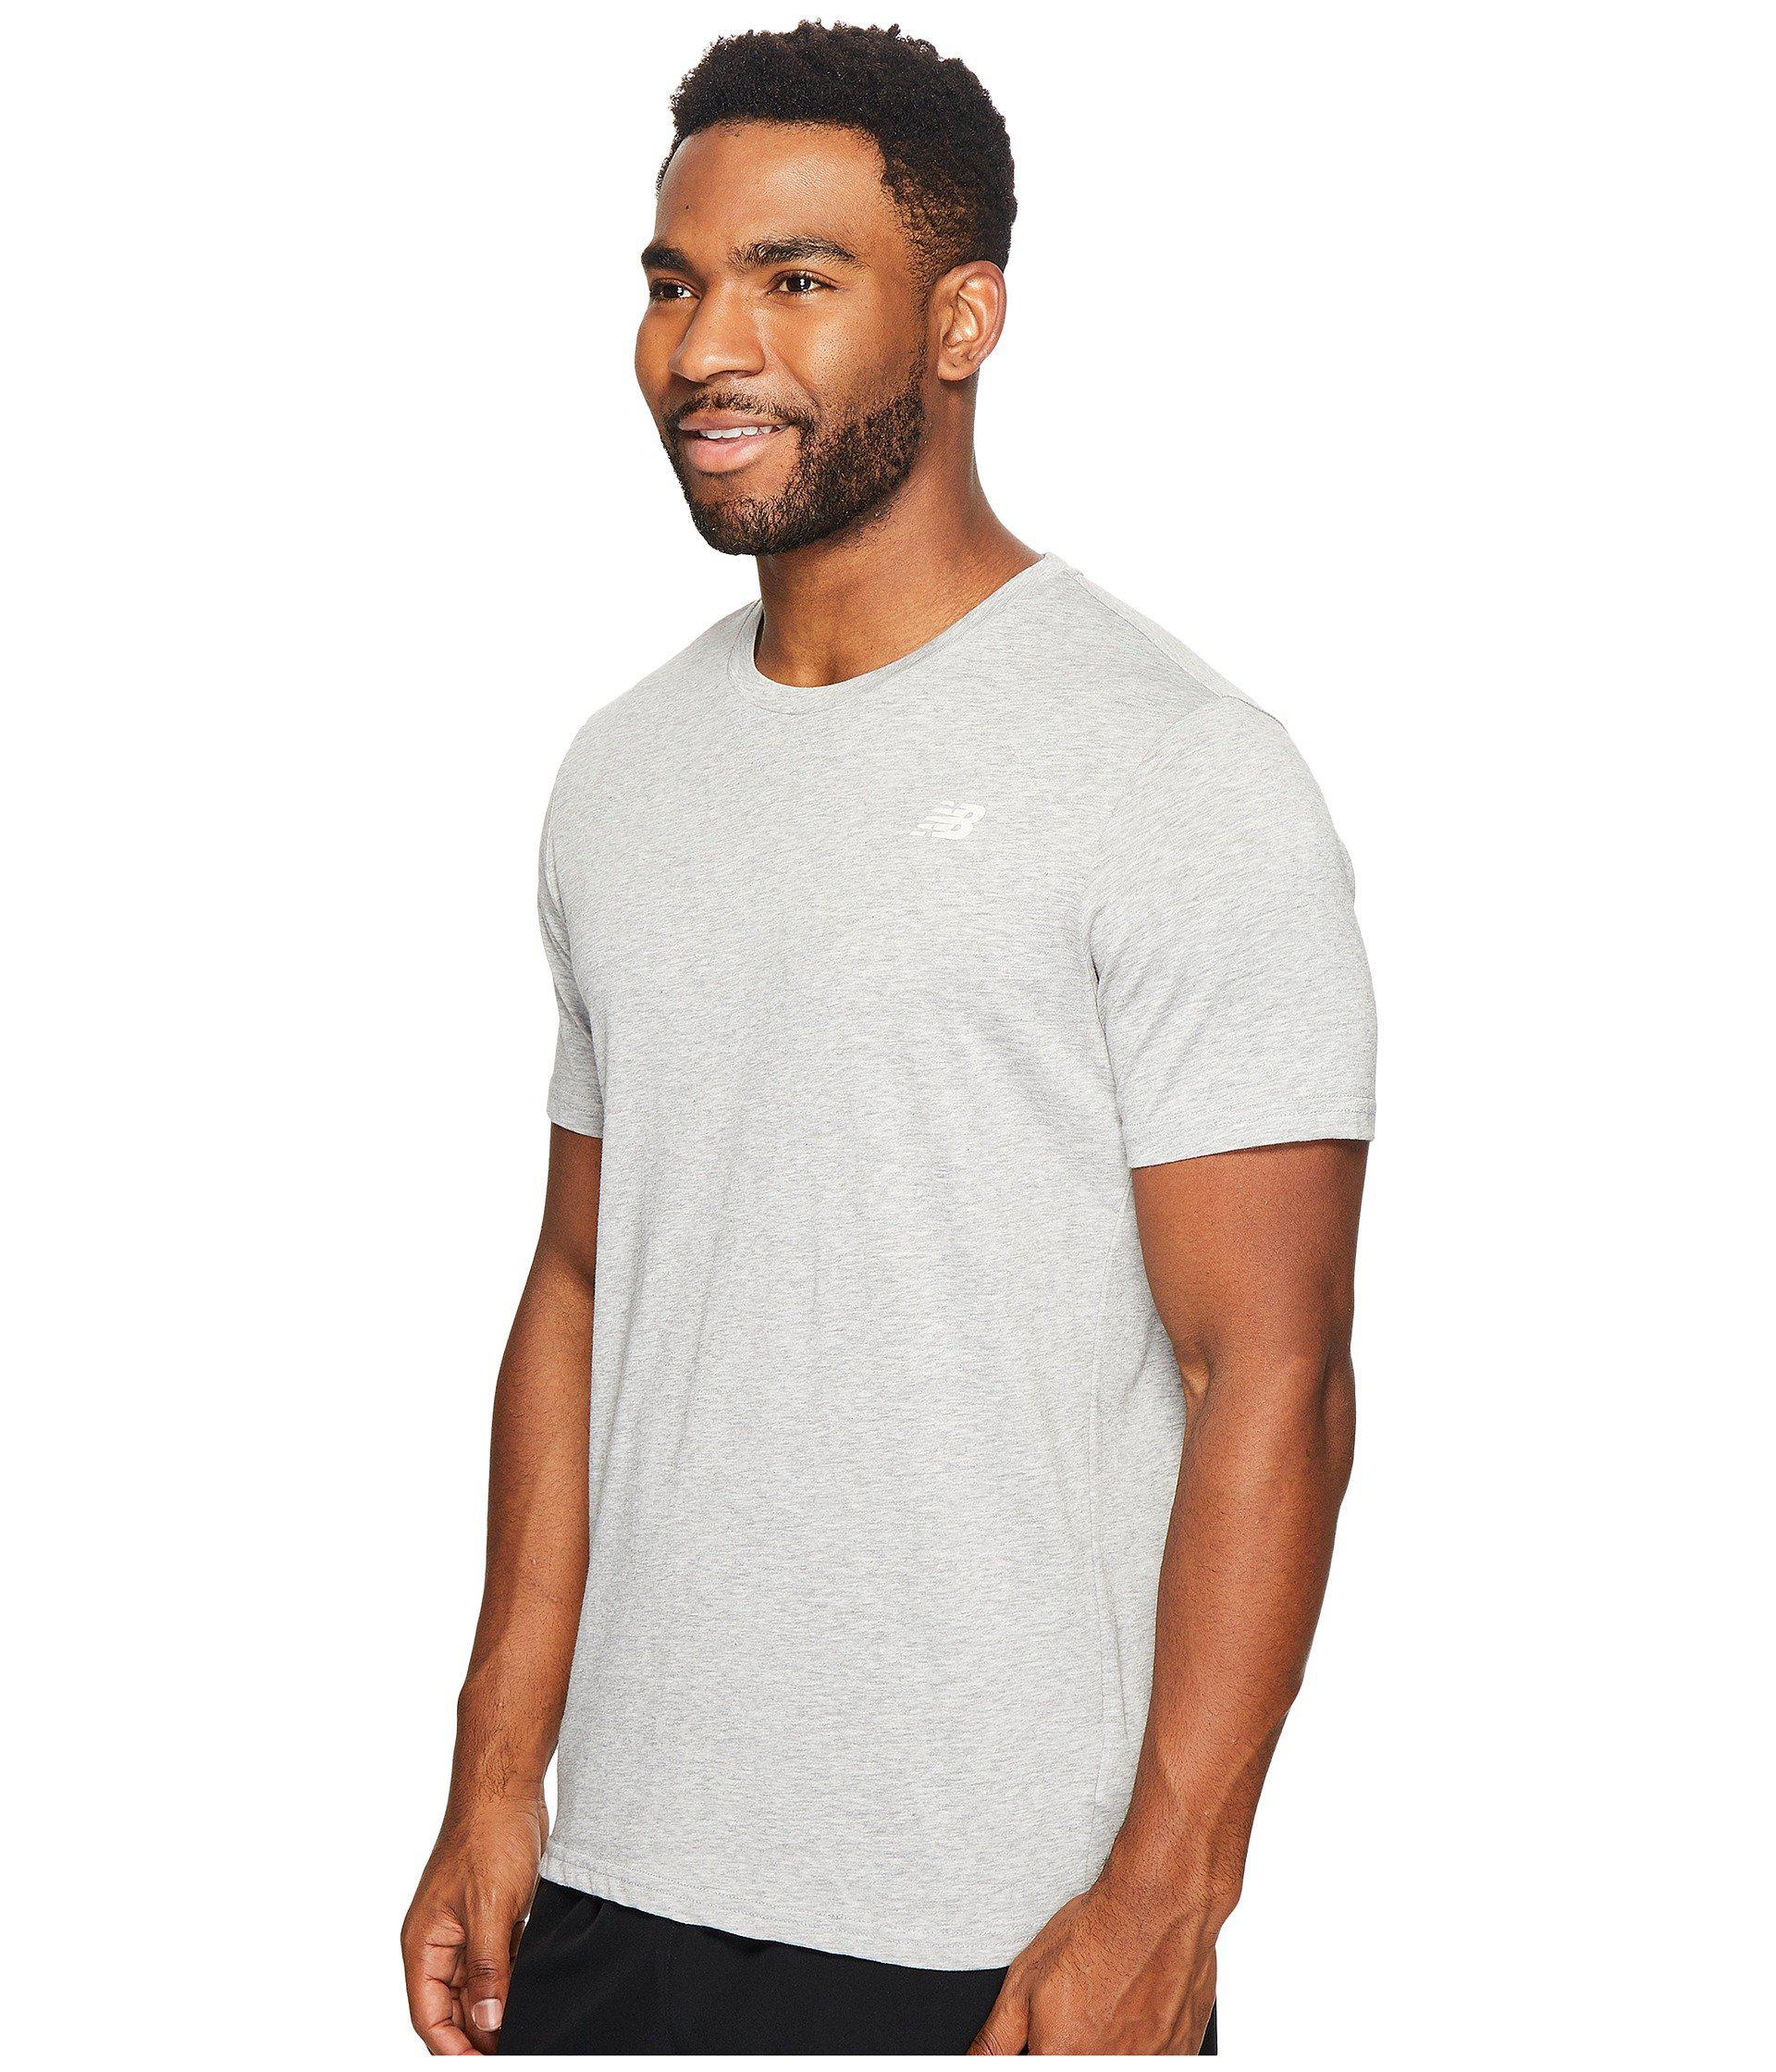 f6d04bdbcbde0 New Balance Heather Tech Short Sleeve (pigment) Men's T Shirt in Gray for  Men - Lyst